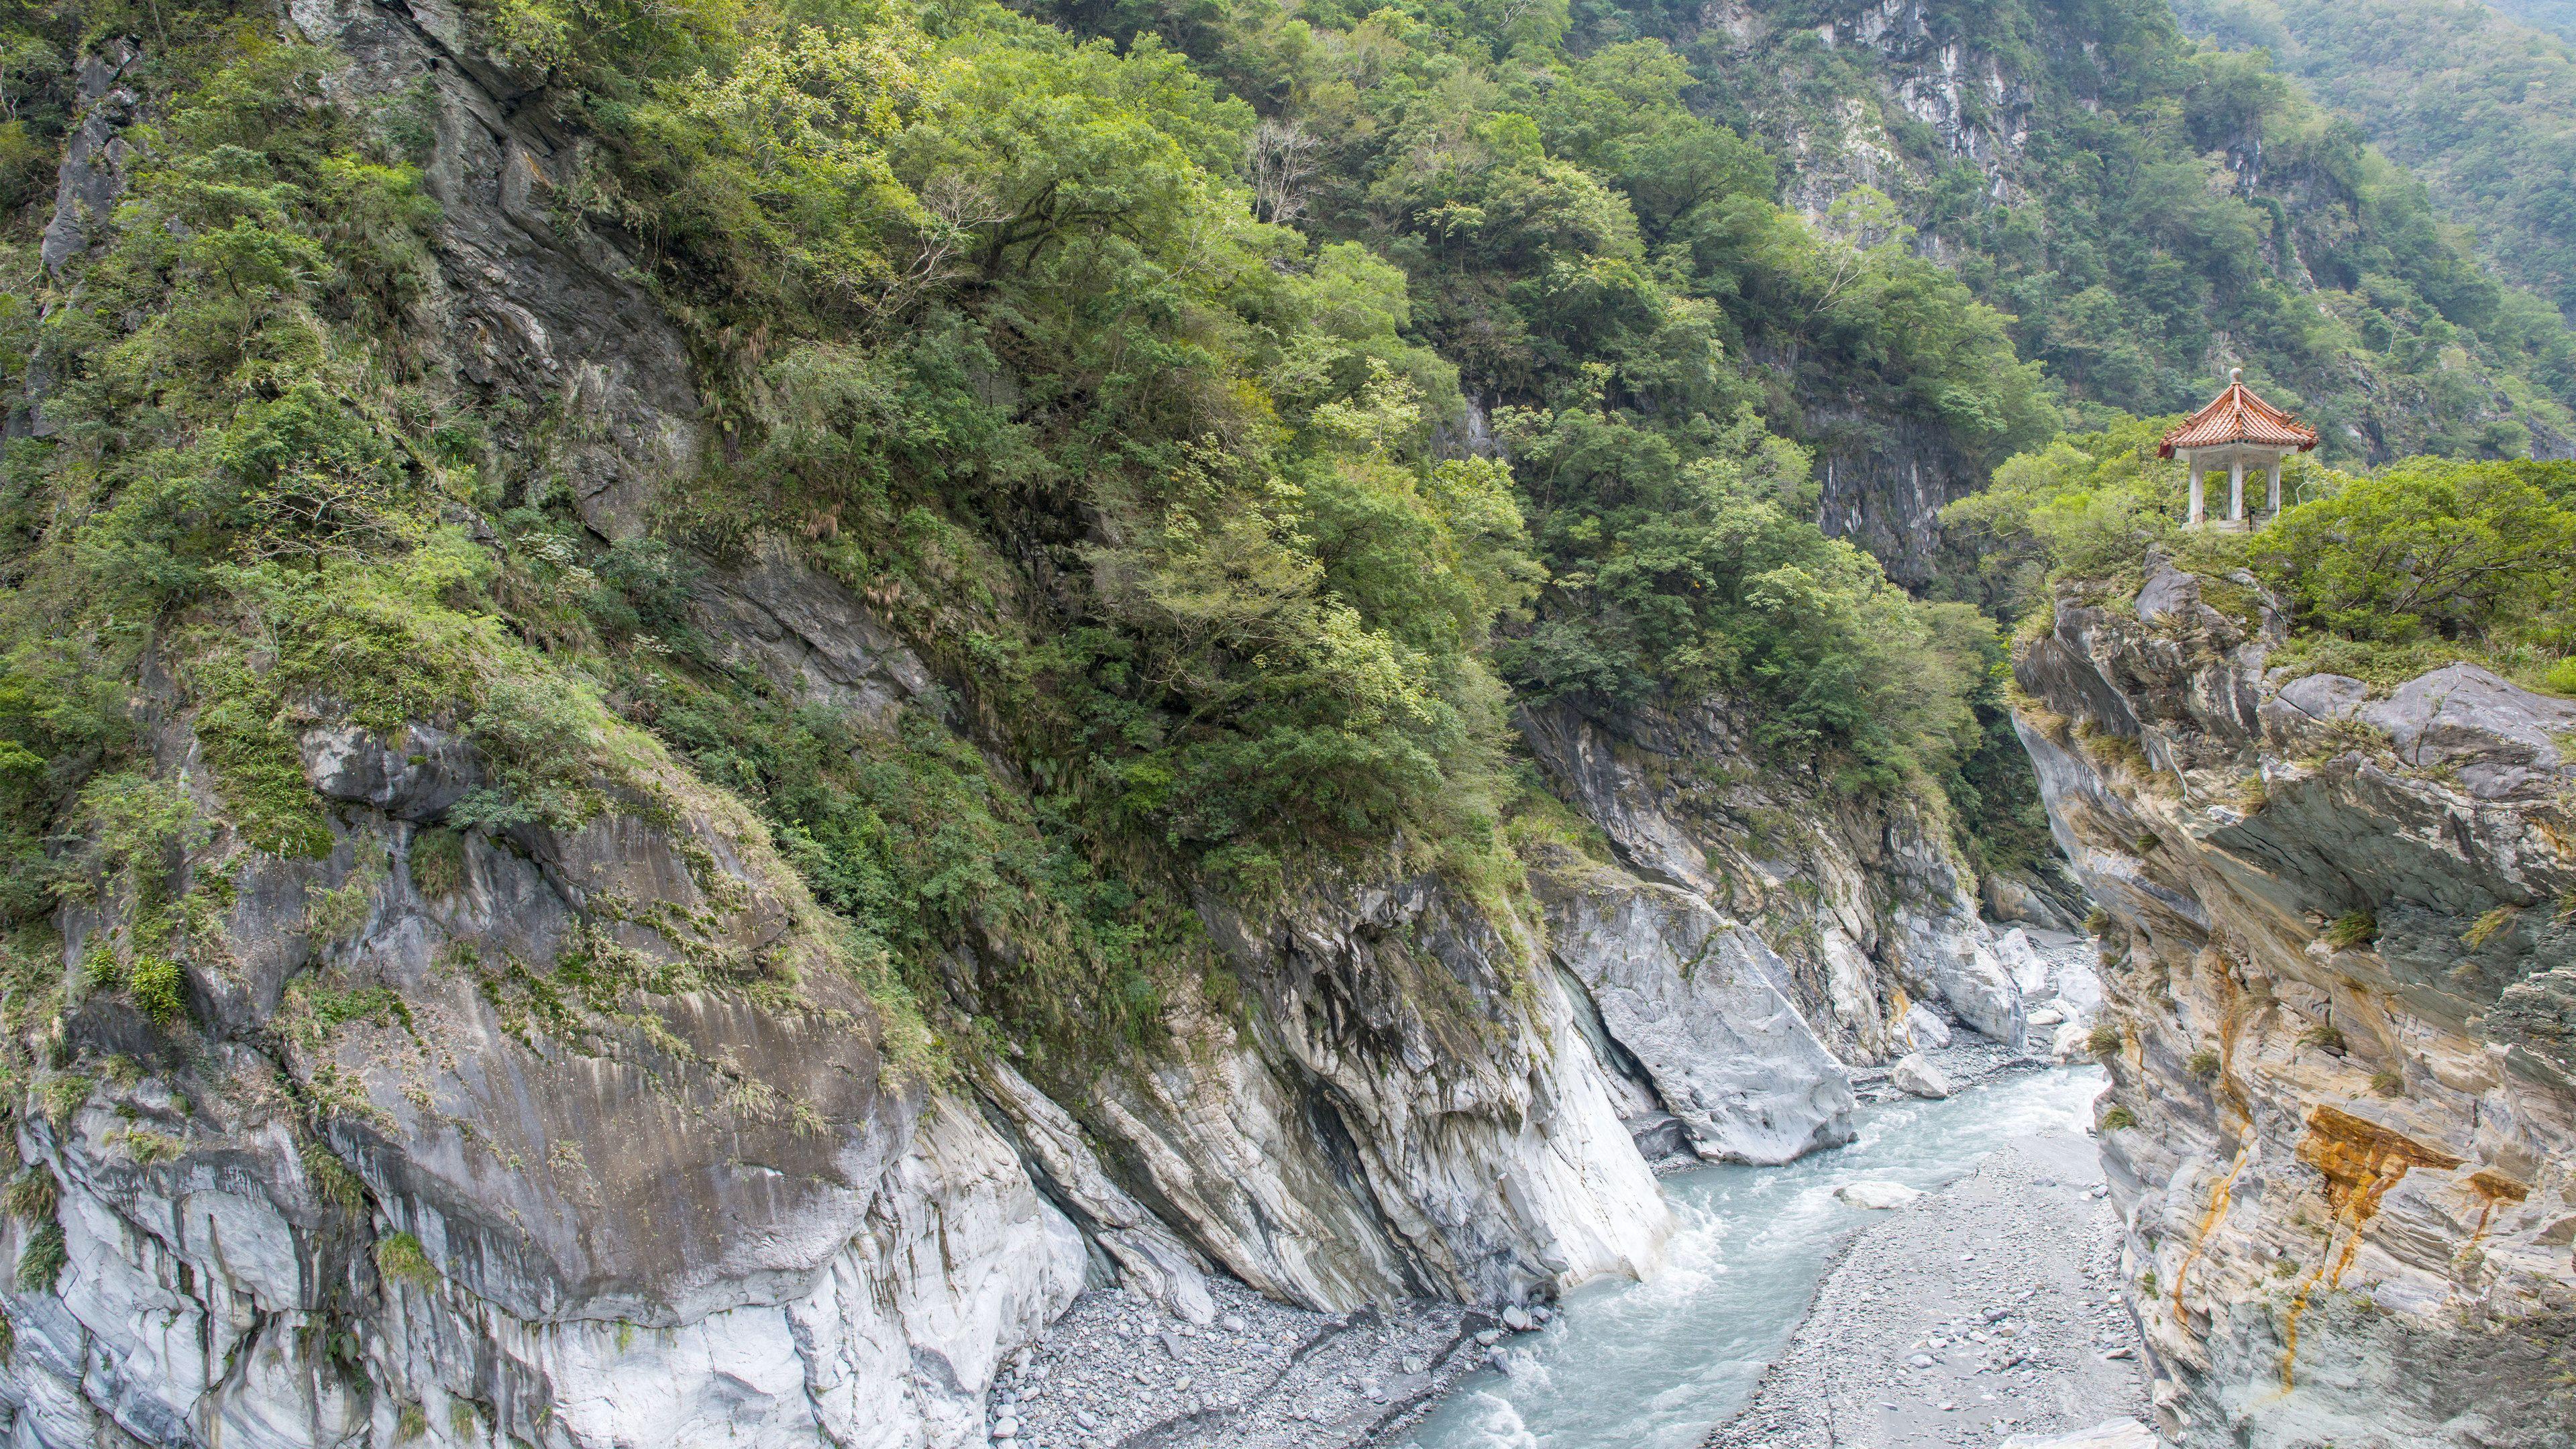 Taroko Gorge tour in Taiwan